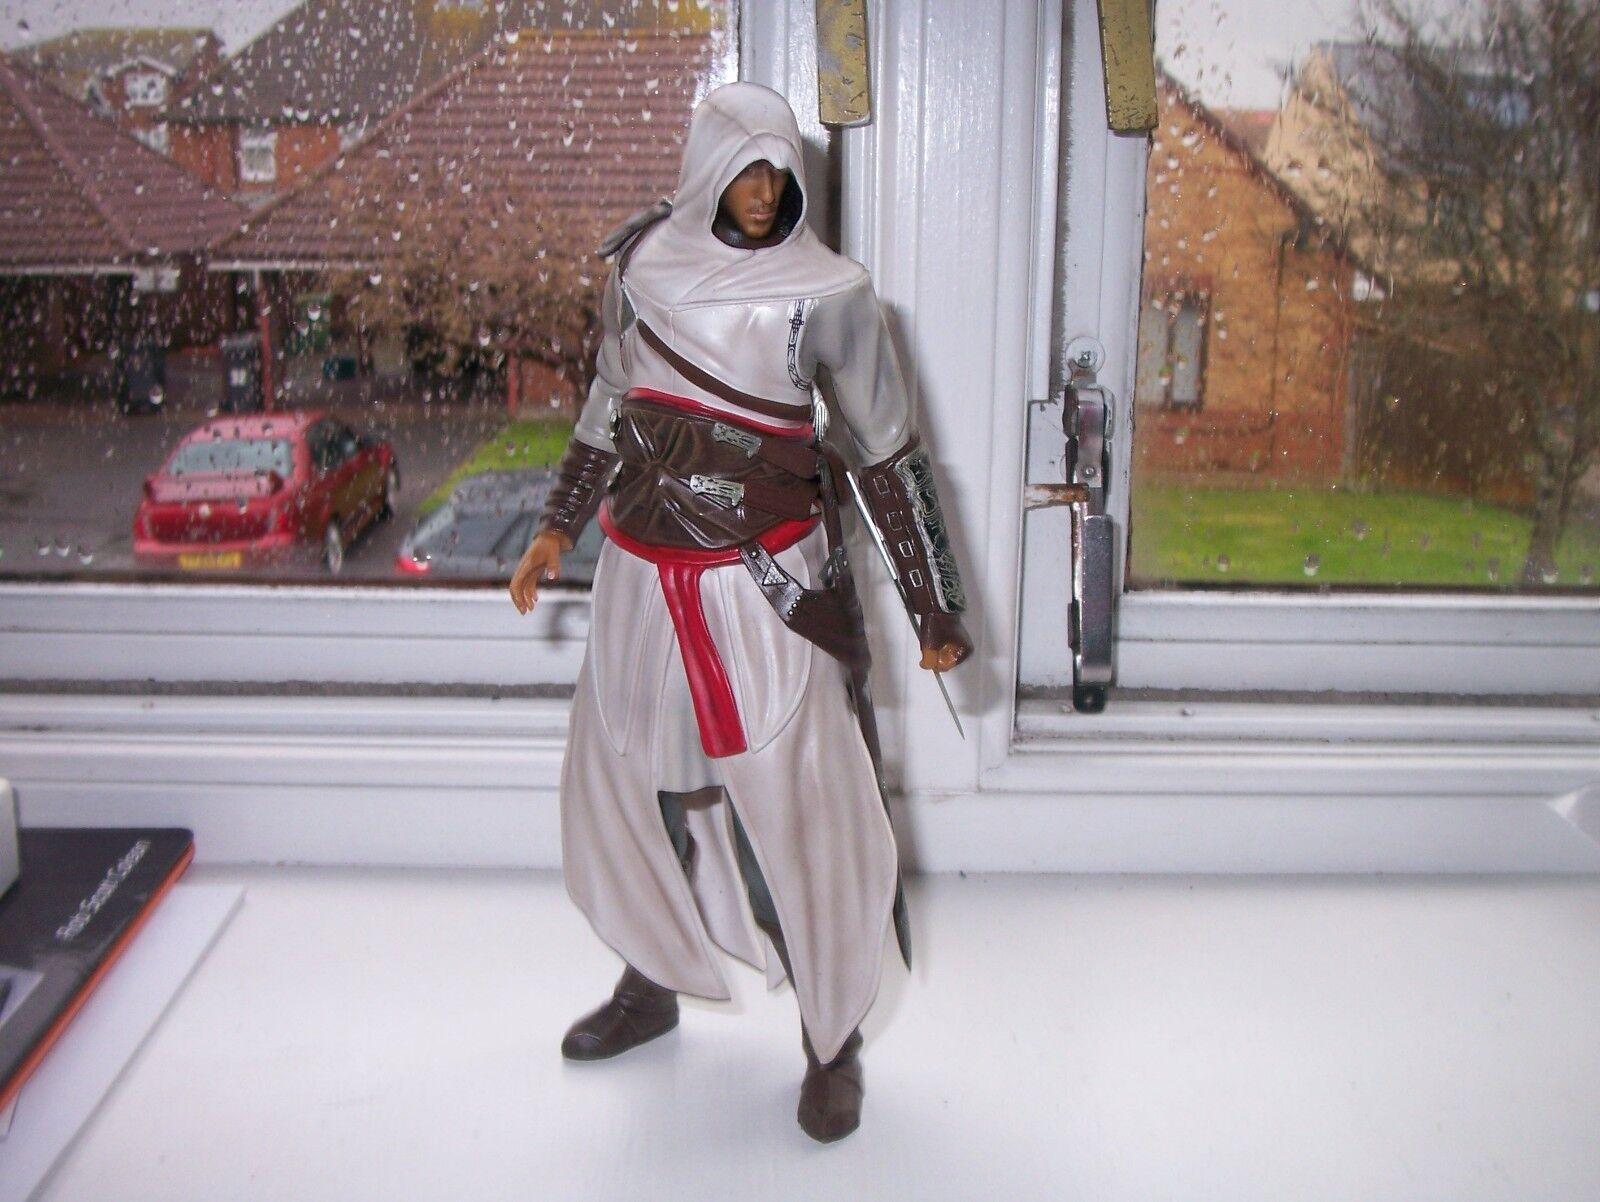 Raro-assasssin 's Creed, figura de acción